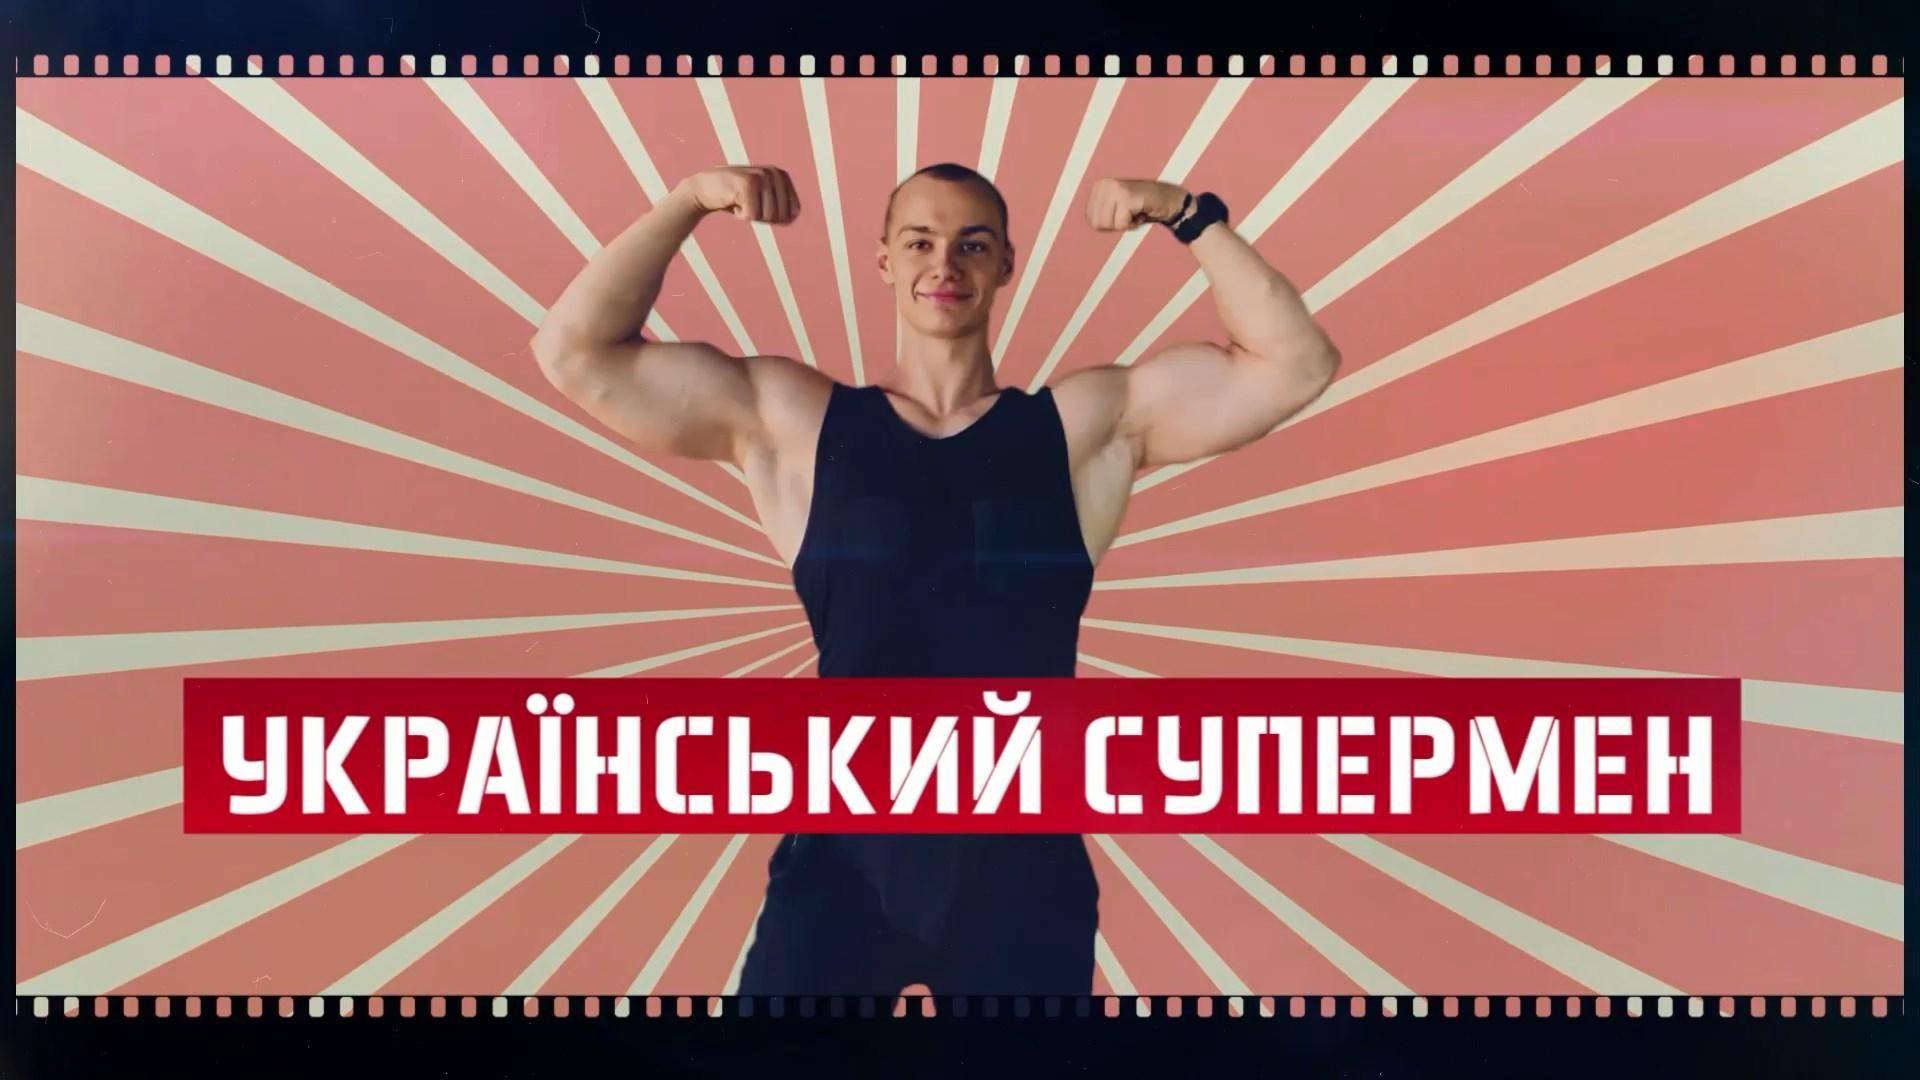 Сенсация в мире фитнеса: невероятные сальто от украинского спортсмена - Новости спорта - Спорт 24